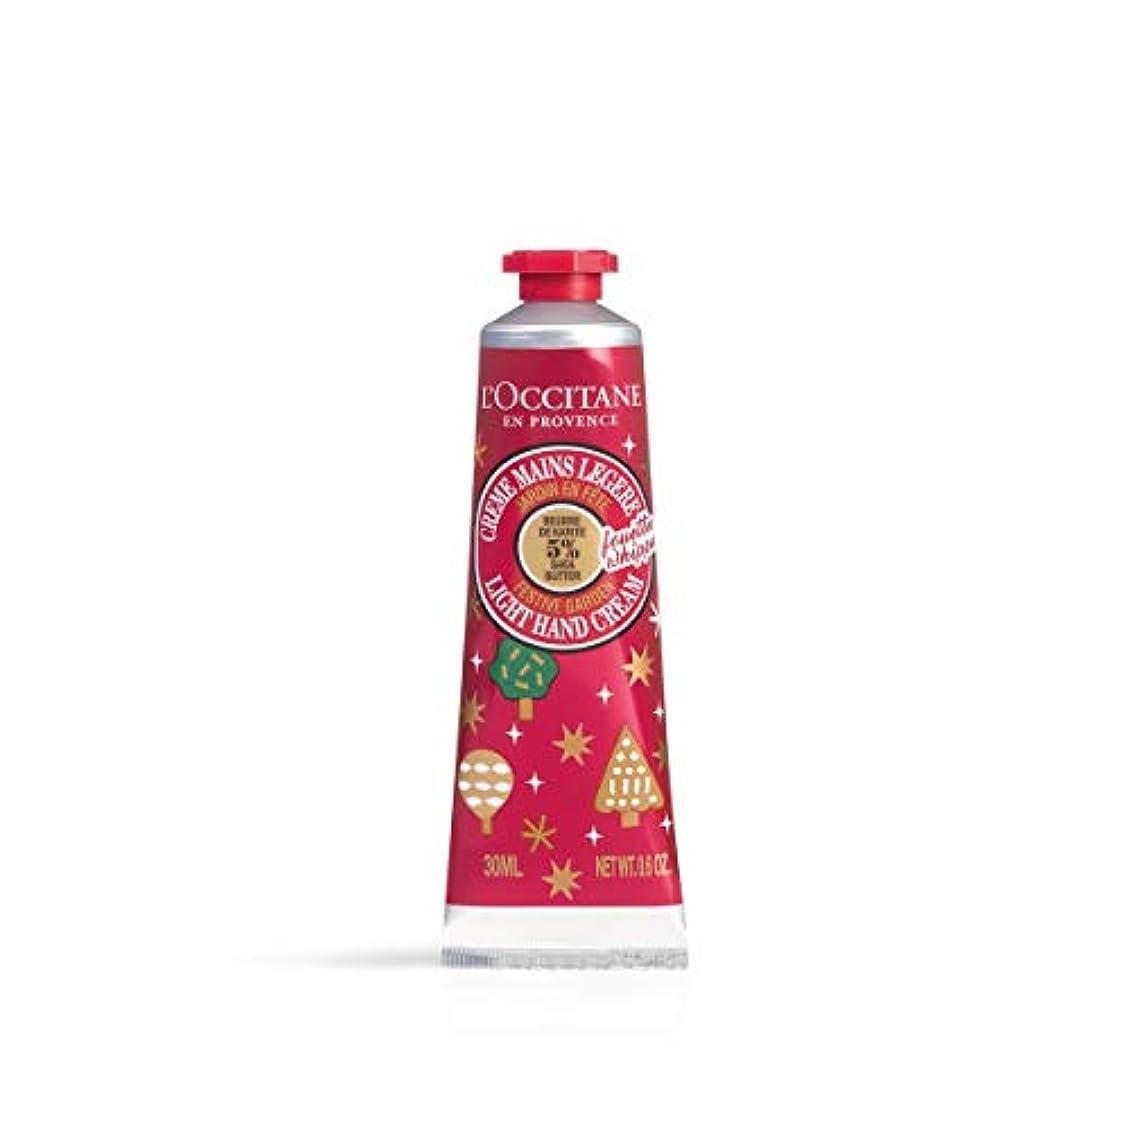 感じる真っ逆さま間隔ロクシタン(L'OCCITANE) フェスティブガーデン スノーシア ハンドクリーム 30mL ボディクリーム スパークリングフローラル